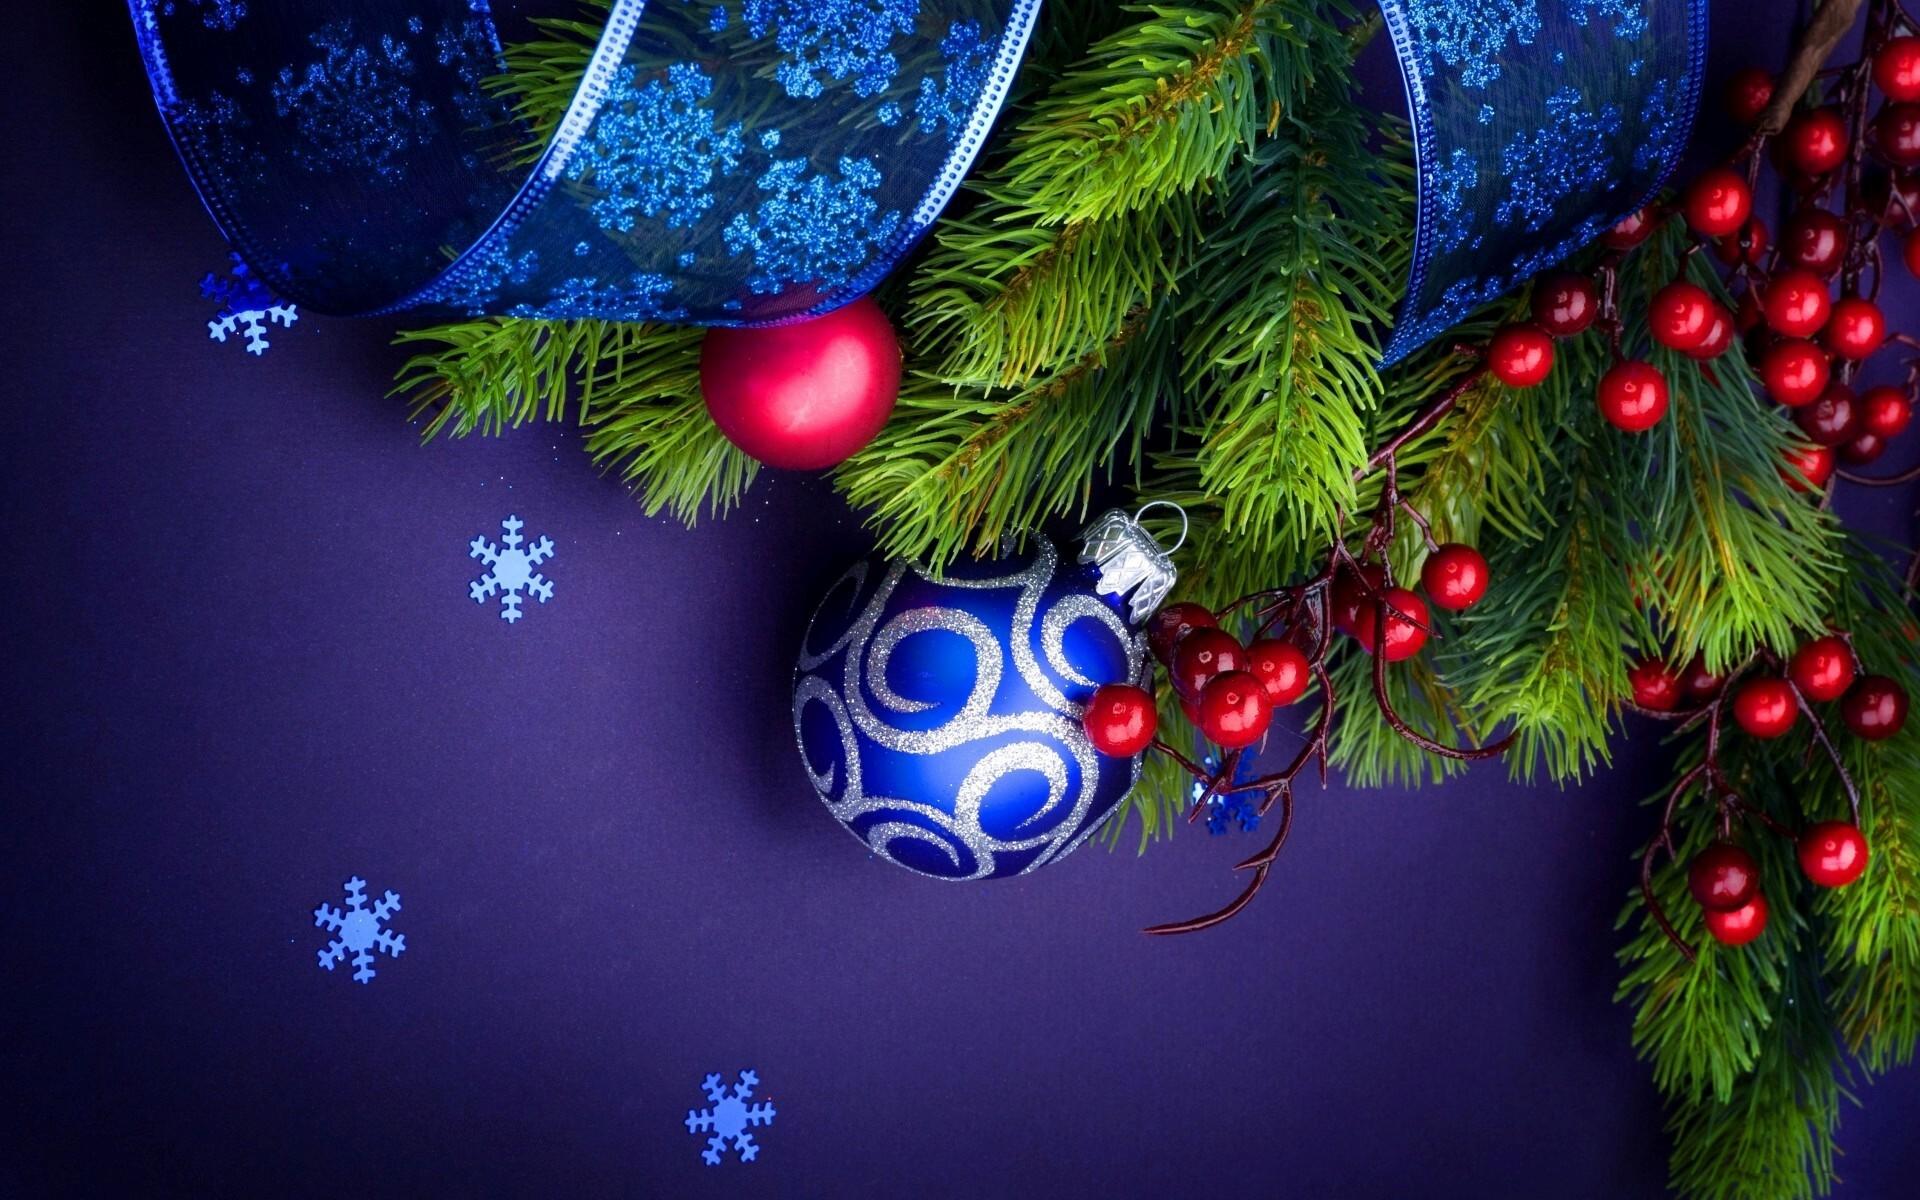 Christmas Balls And Trees HD Nice Wallpapers